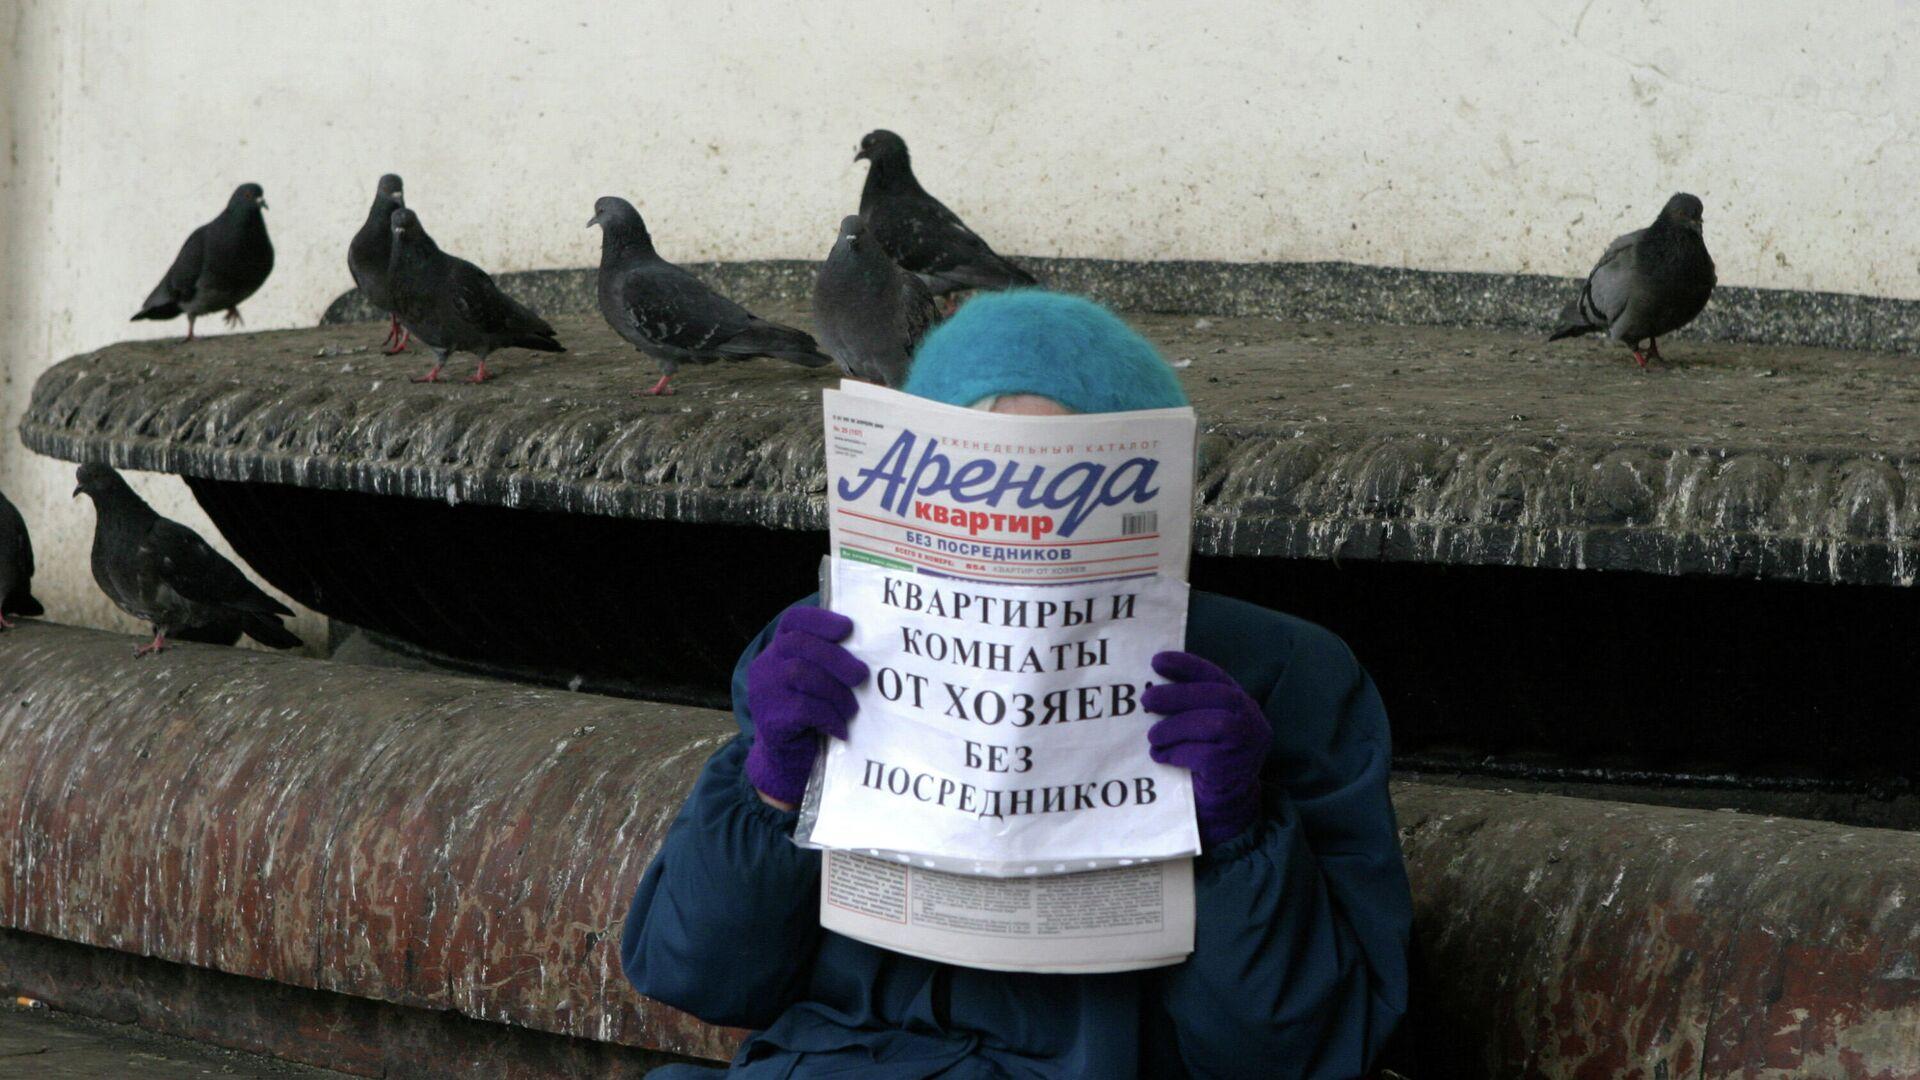 Женщина держит в руках газету Аренда квартир на Белорусском вокзале. - РИА Новости, 1920, 25.03.2021